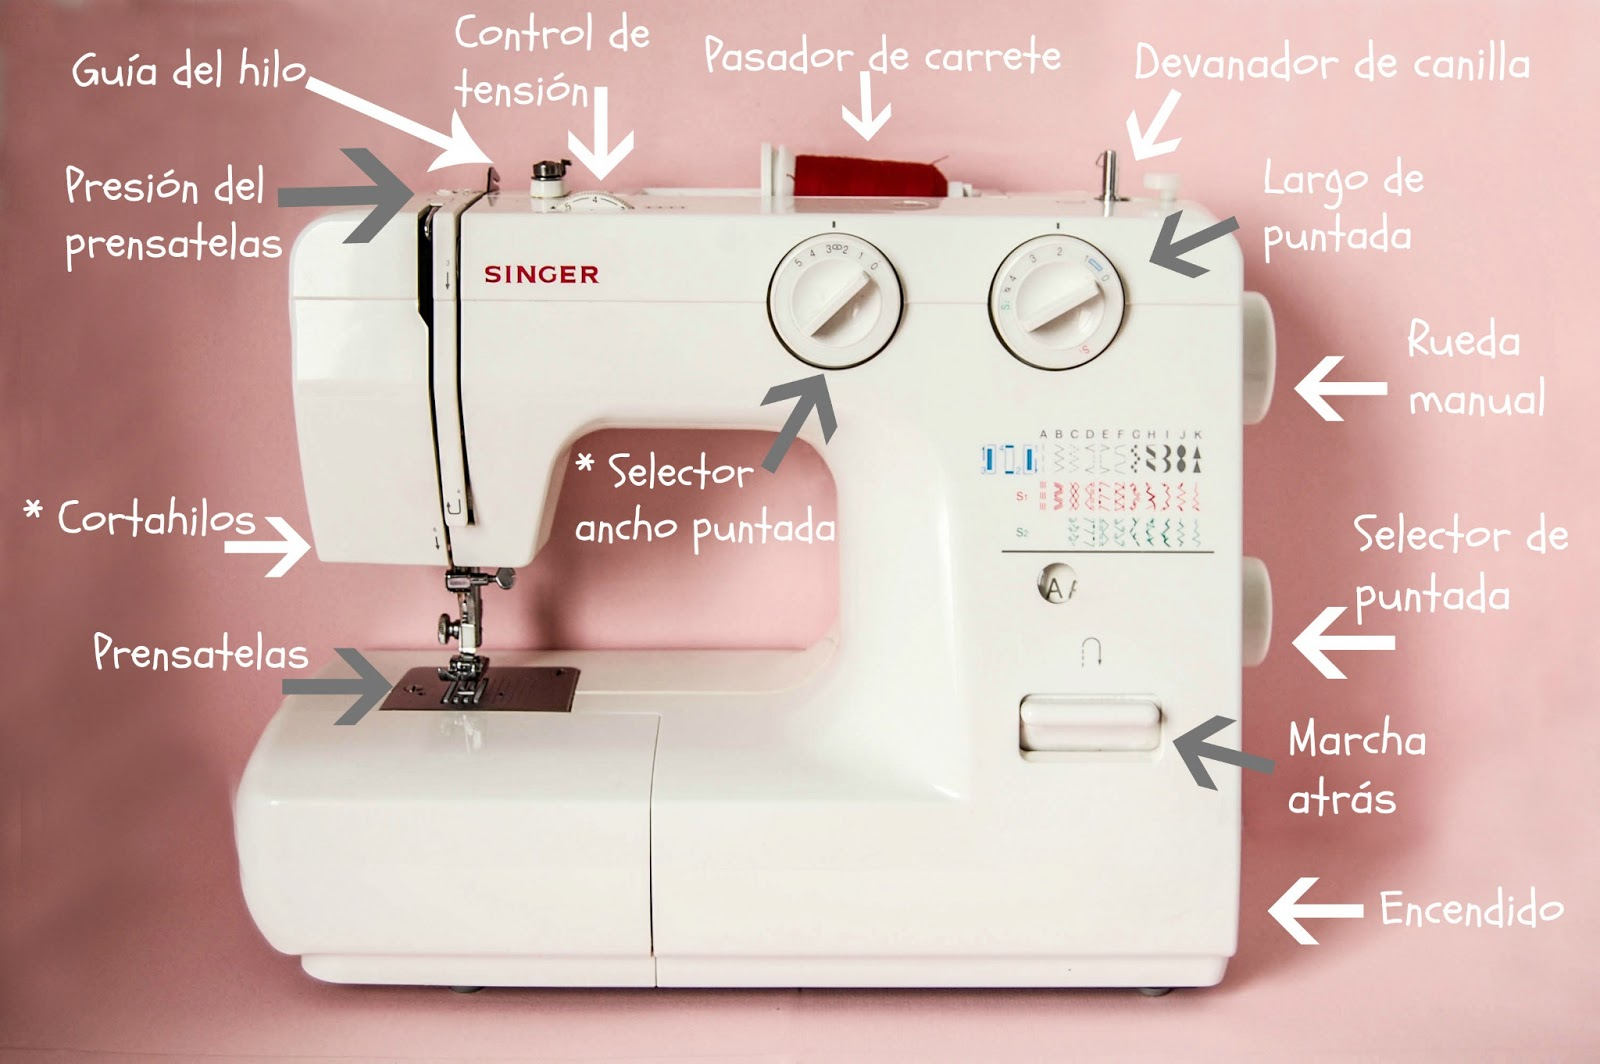 Maquina de coser buscar: Ideas faciles para coser a maquina